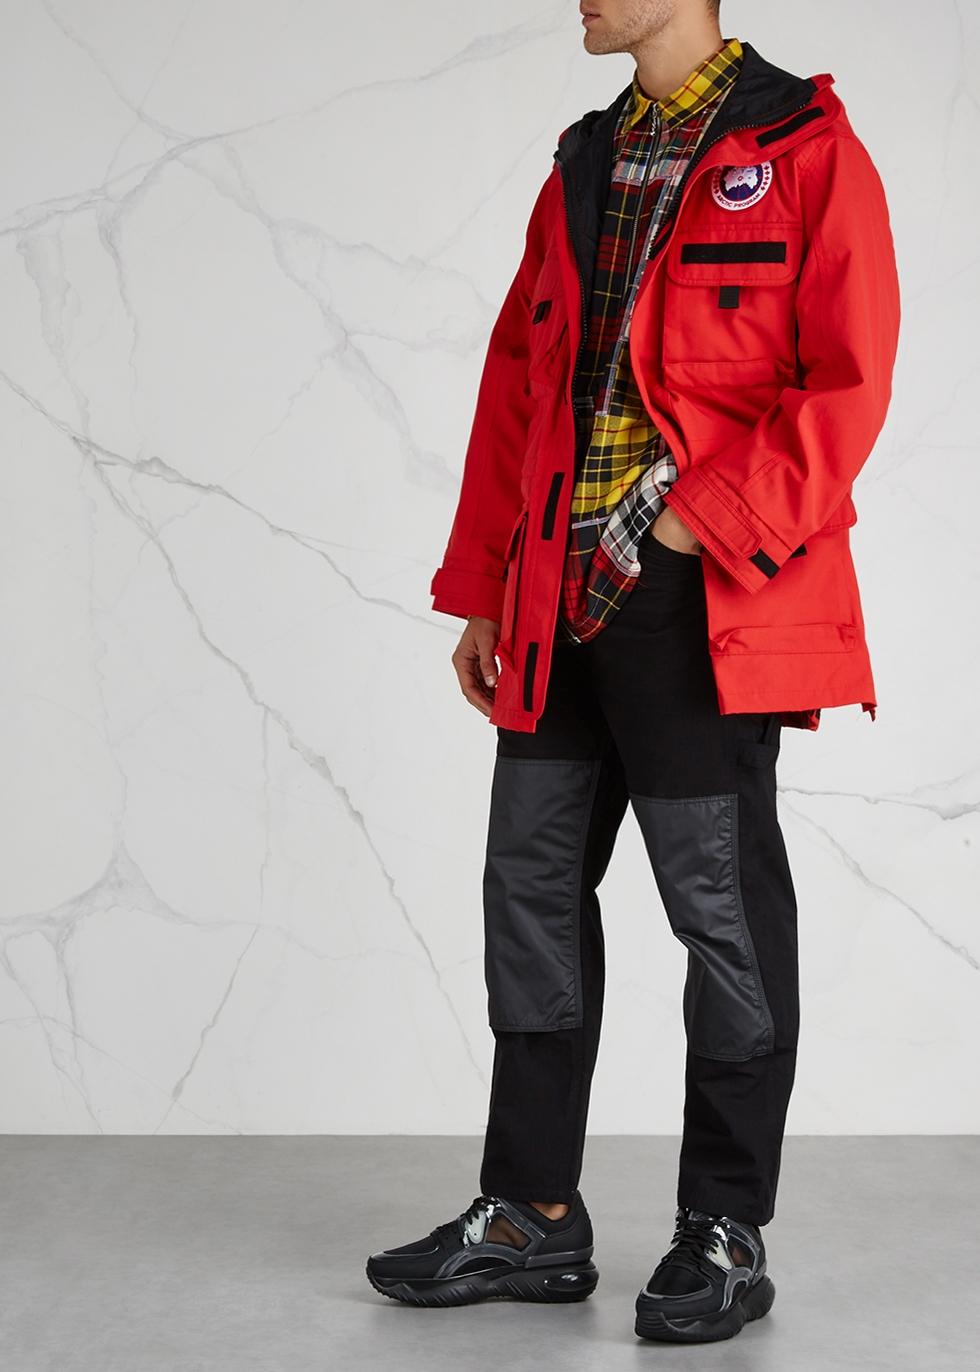 canada goose oliver jacket black